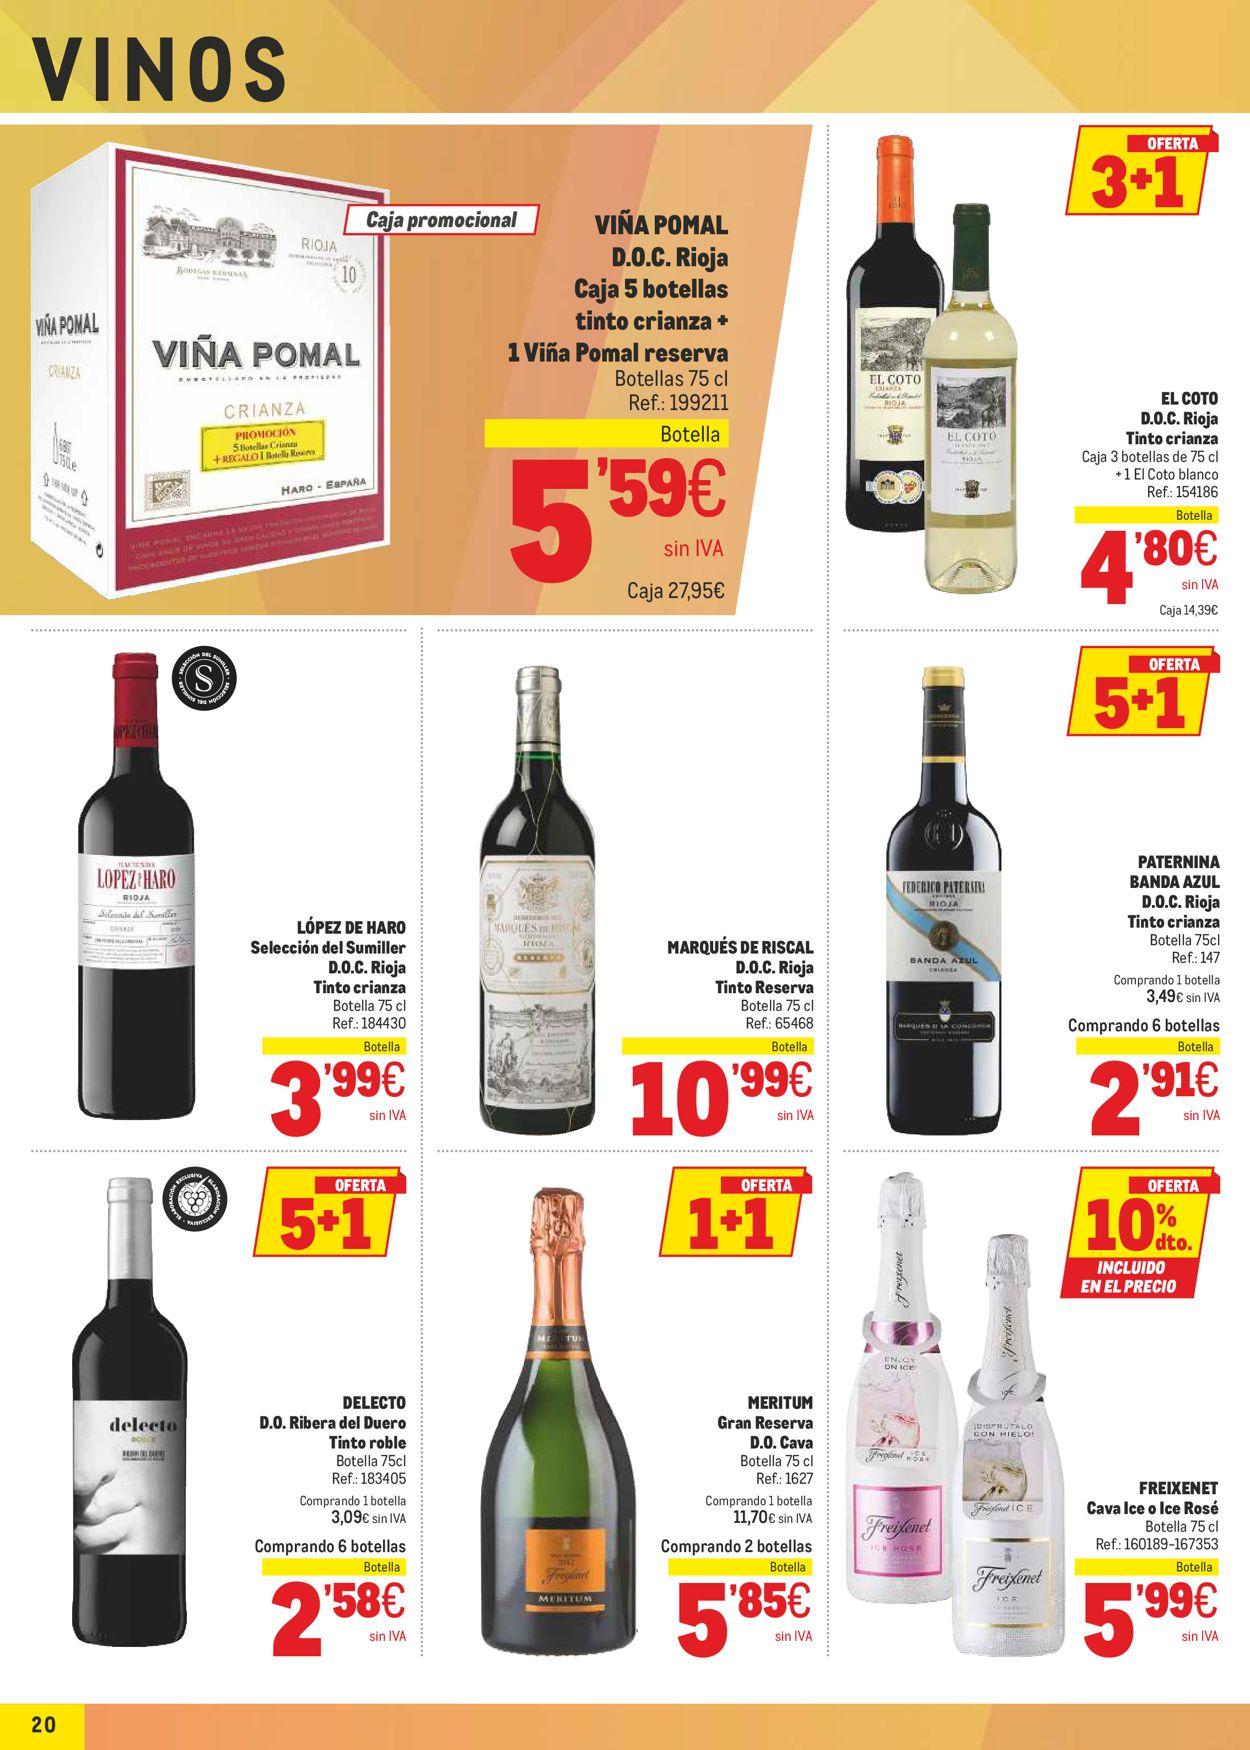 Makro Folleto - 01.07-14.07.2021 (Página 20)